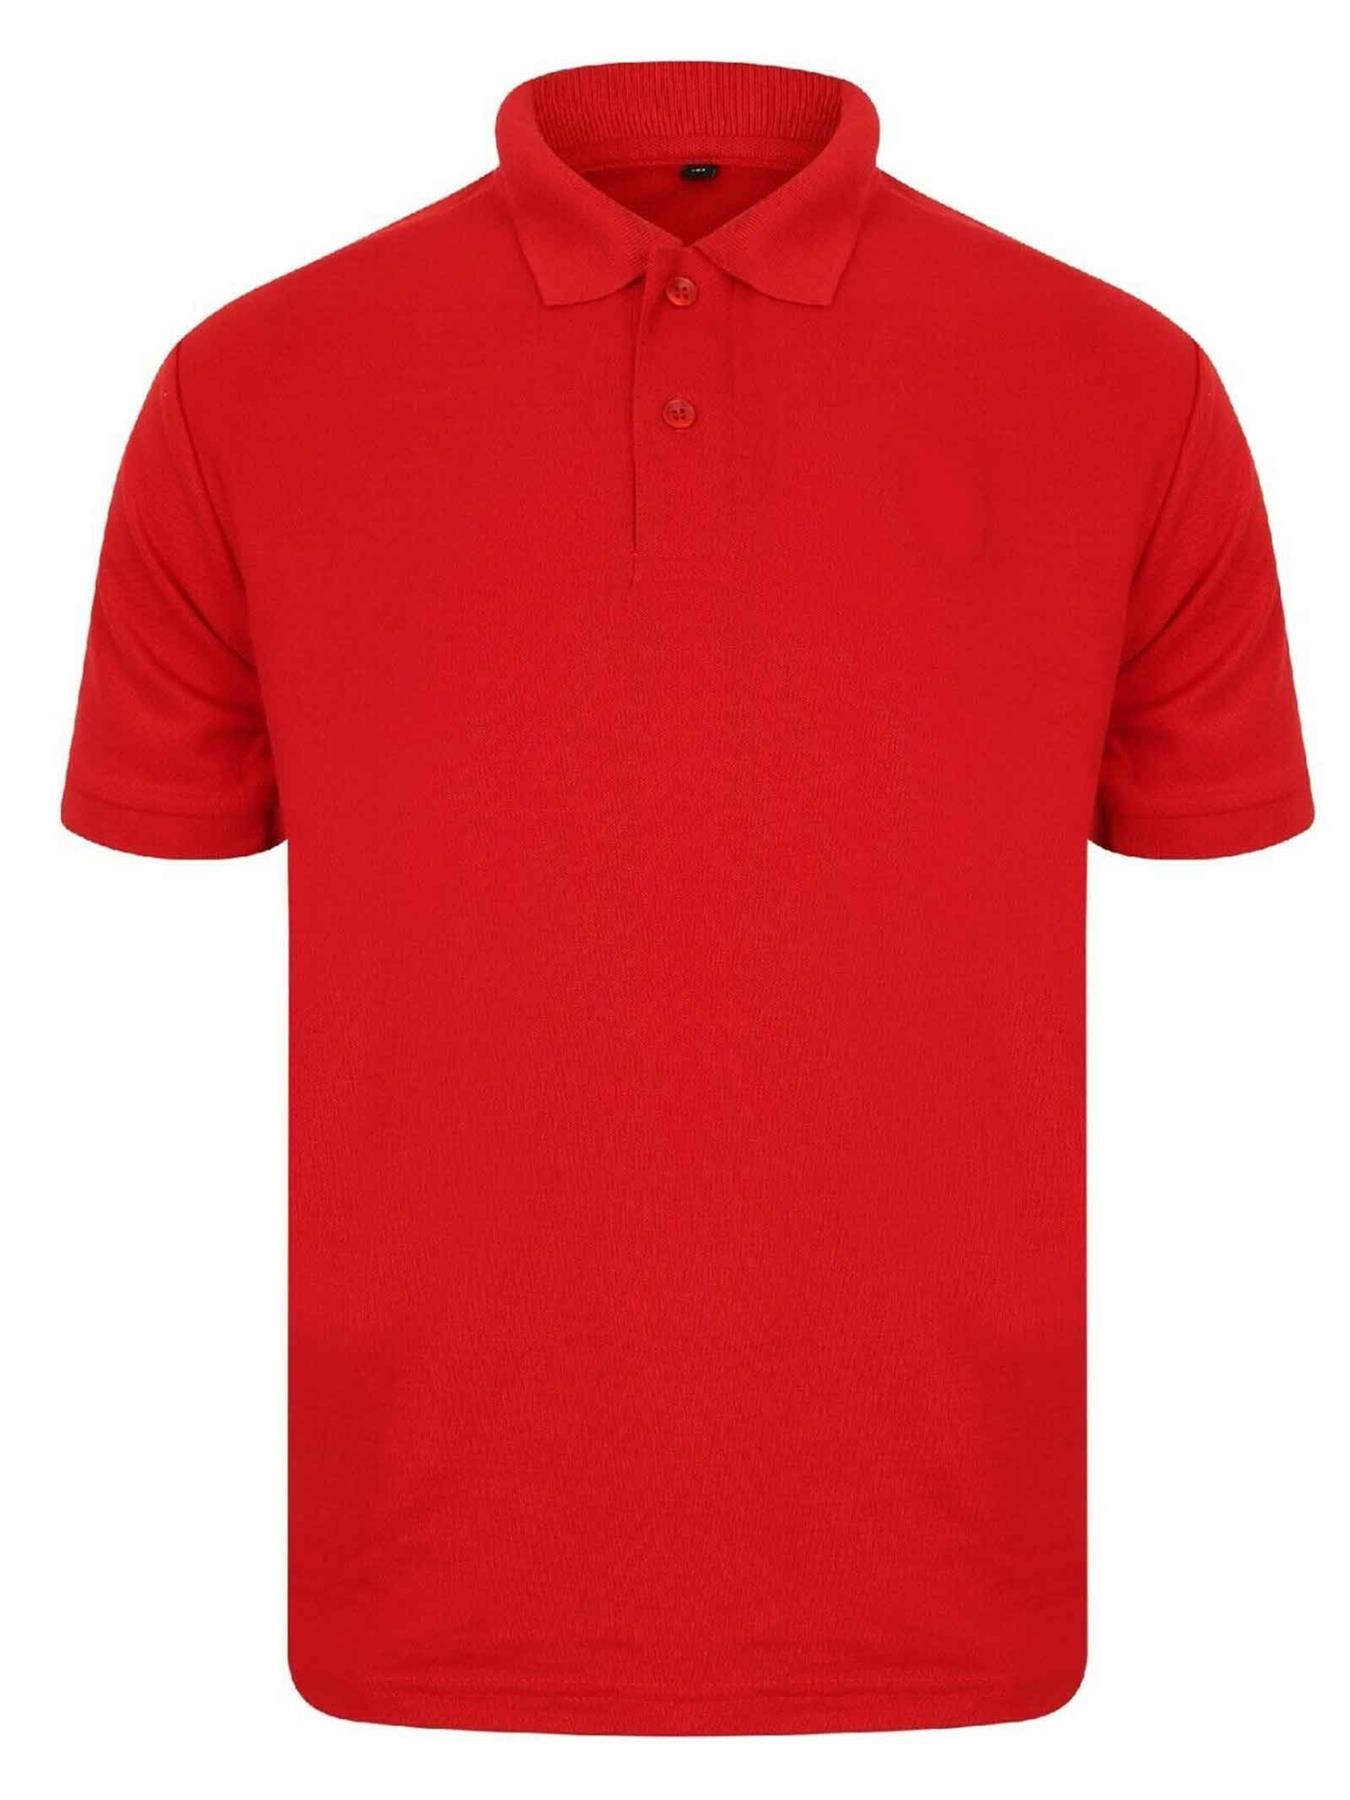 Indexbild 44 - Herren Polohemd Freizeit T-Shirts Neu Schlicht Kurzärmeliges Regular Fit